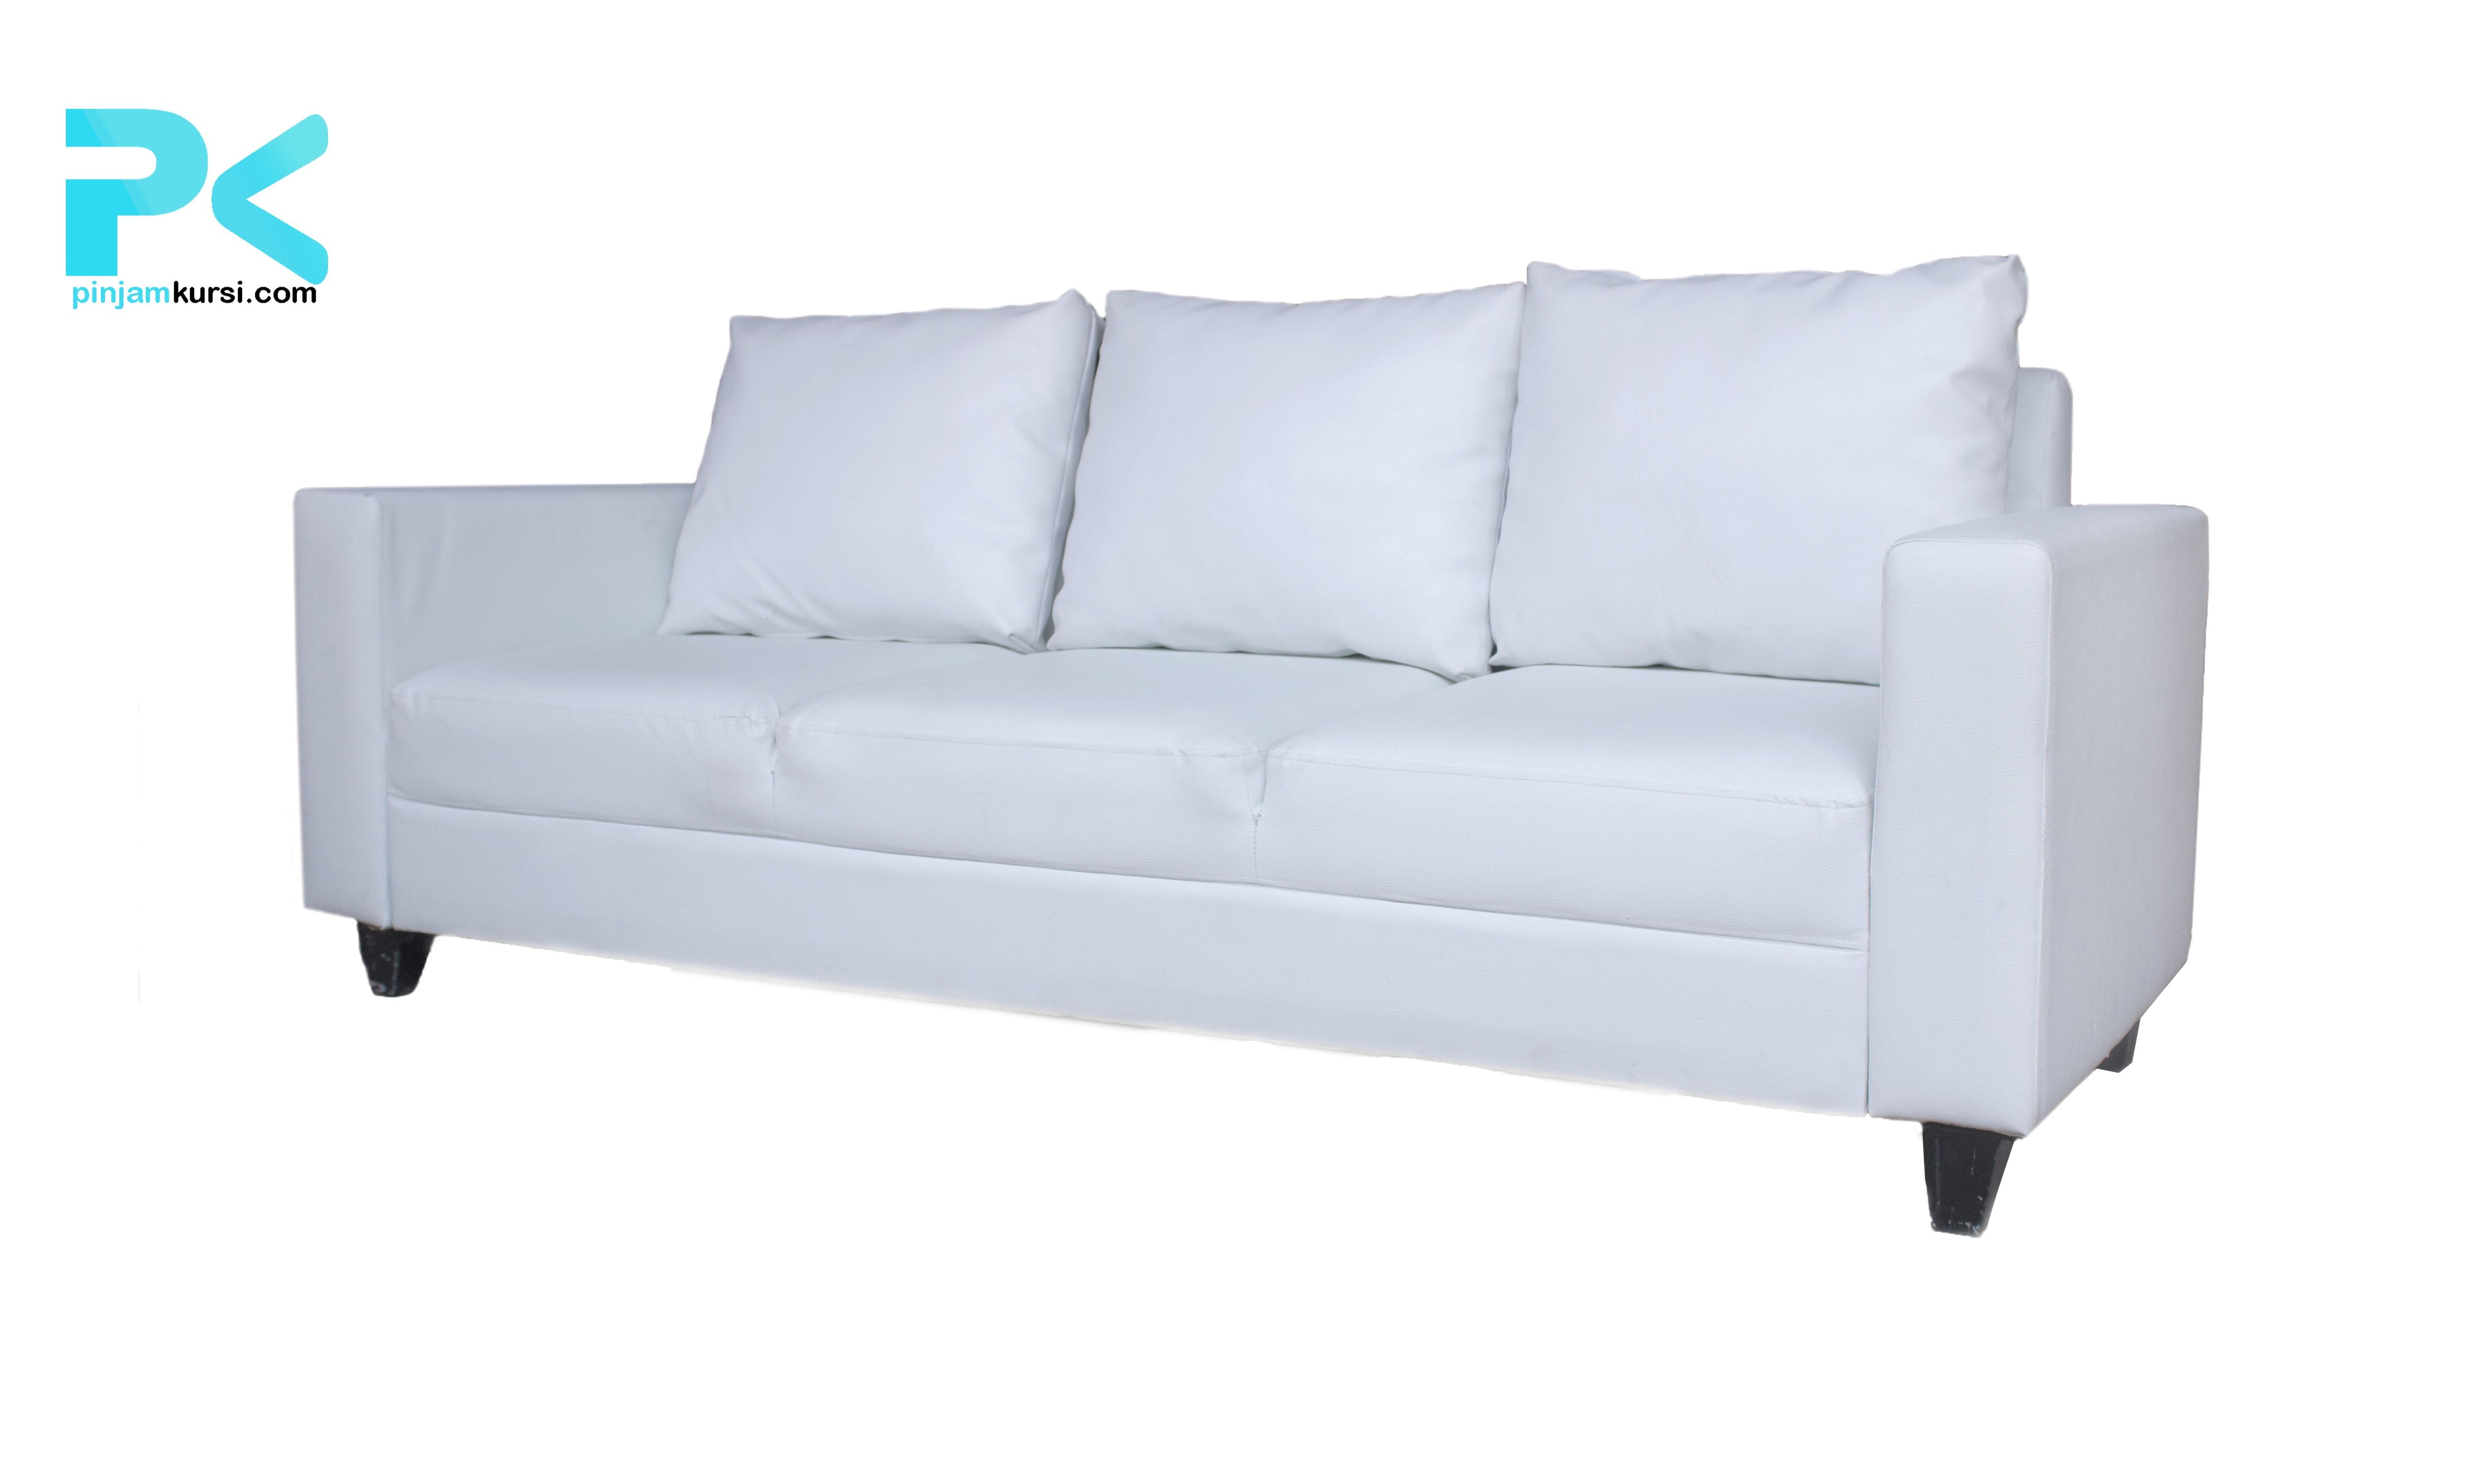 sewa sofa vip 3 seat warna putih